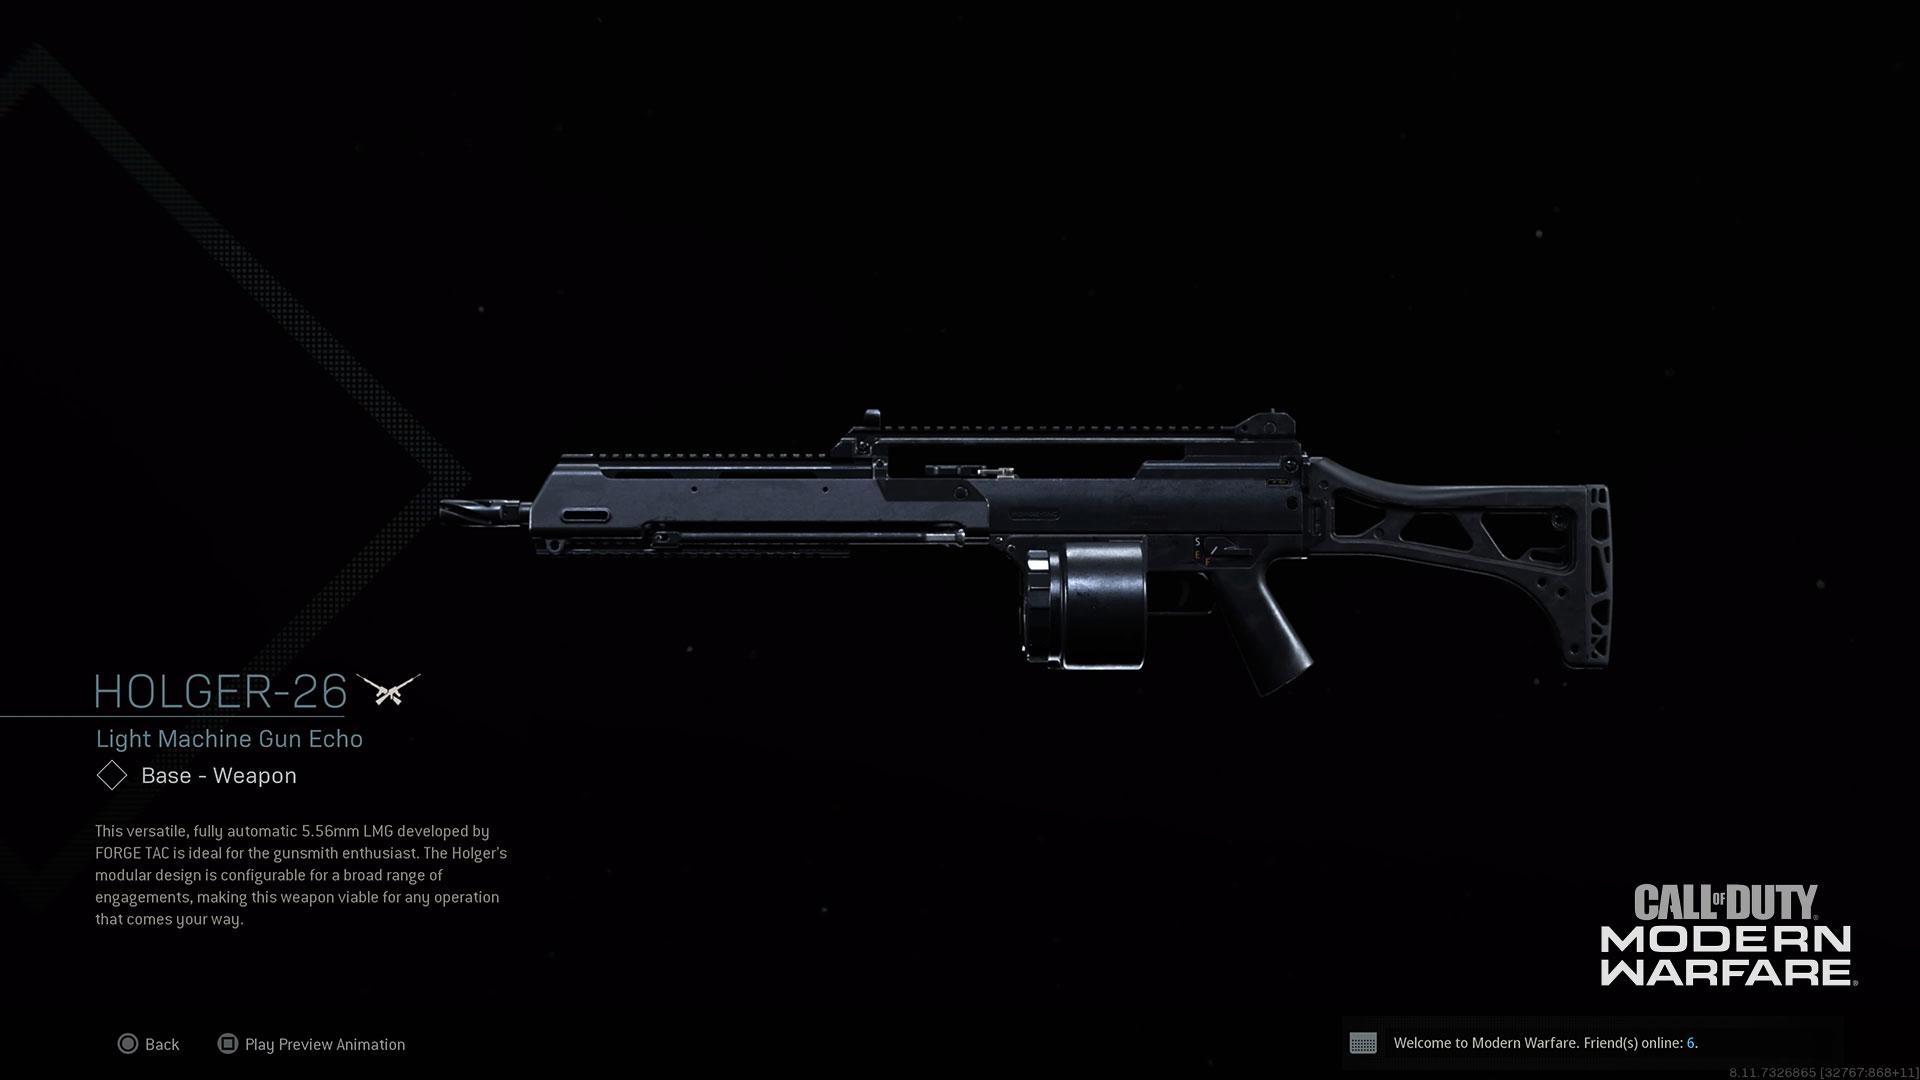 Modern Warfare Holger-26